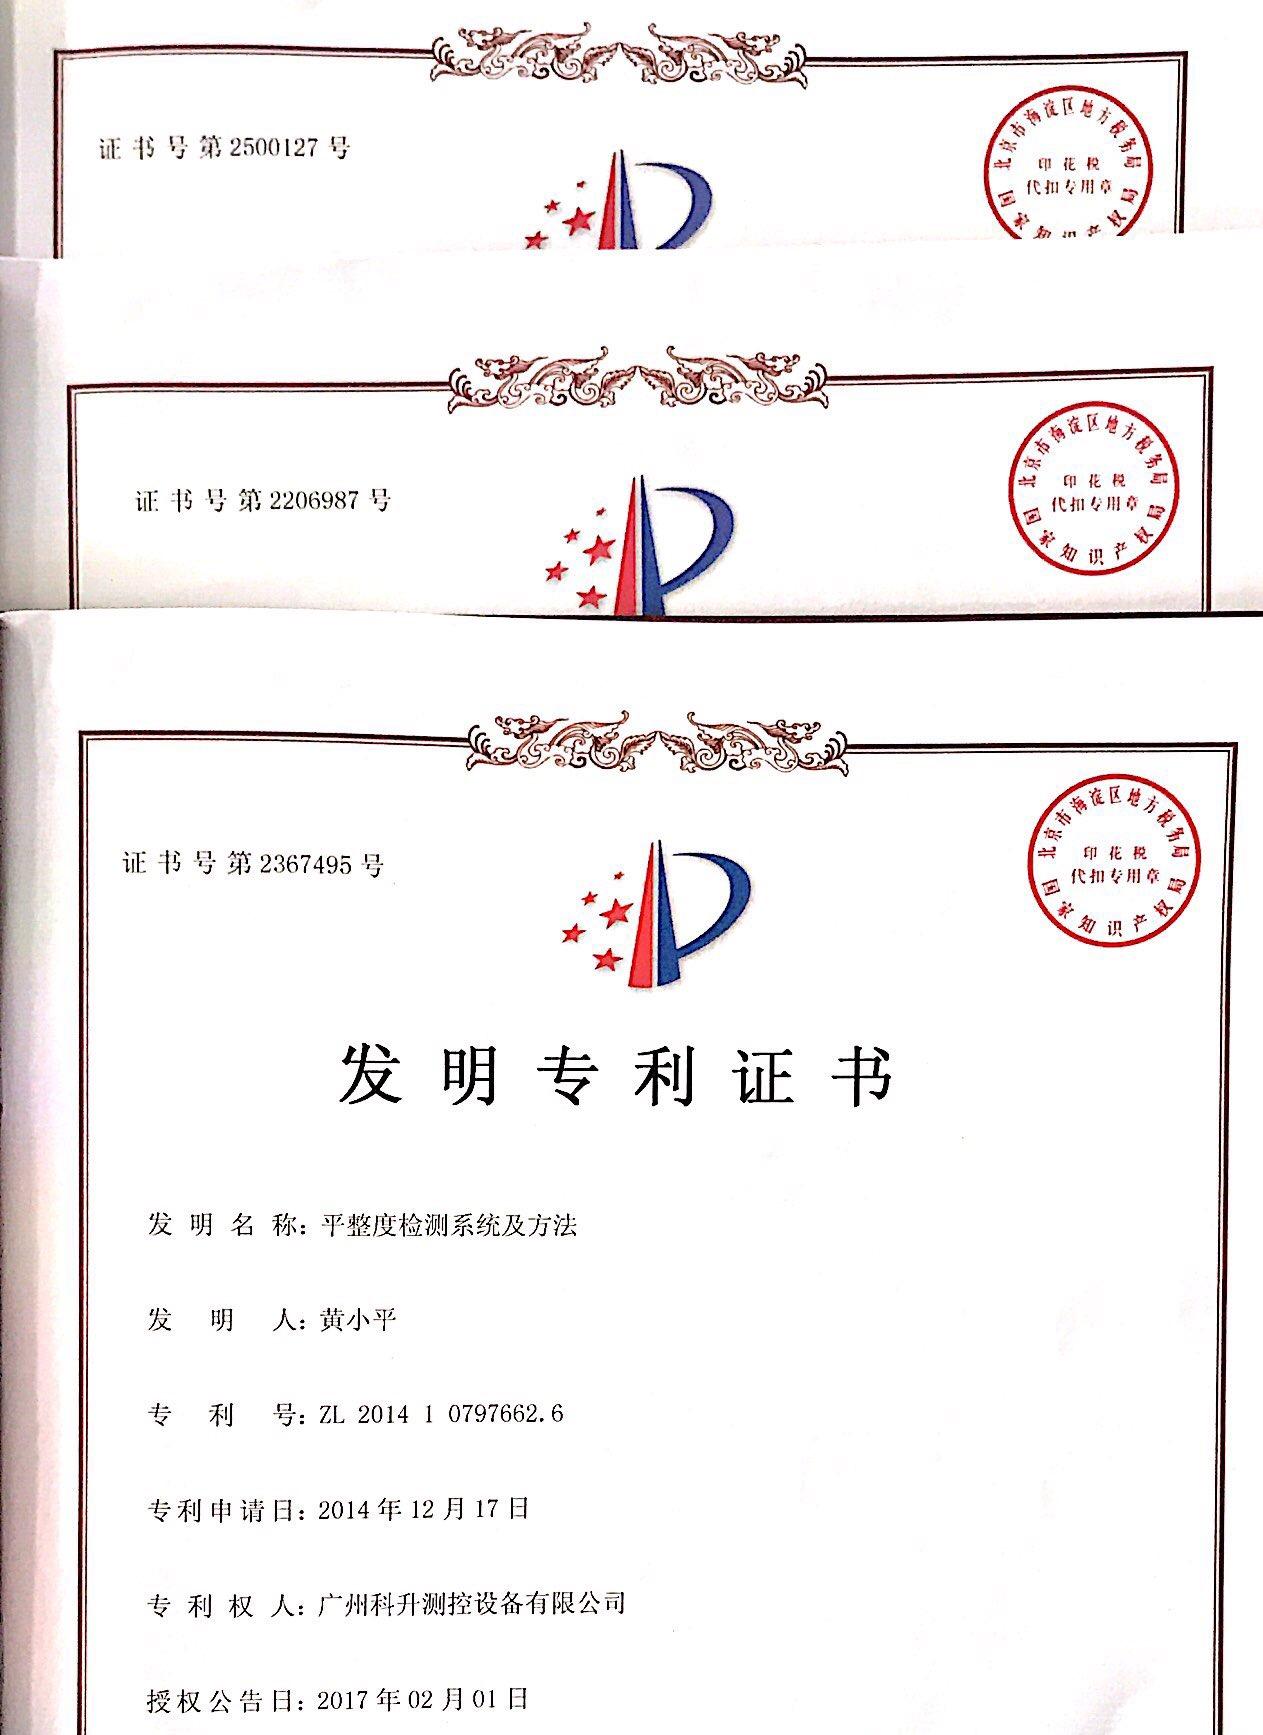 发明专利3项